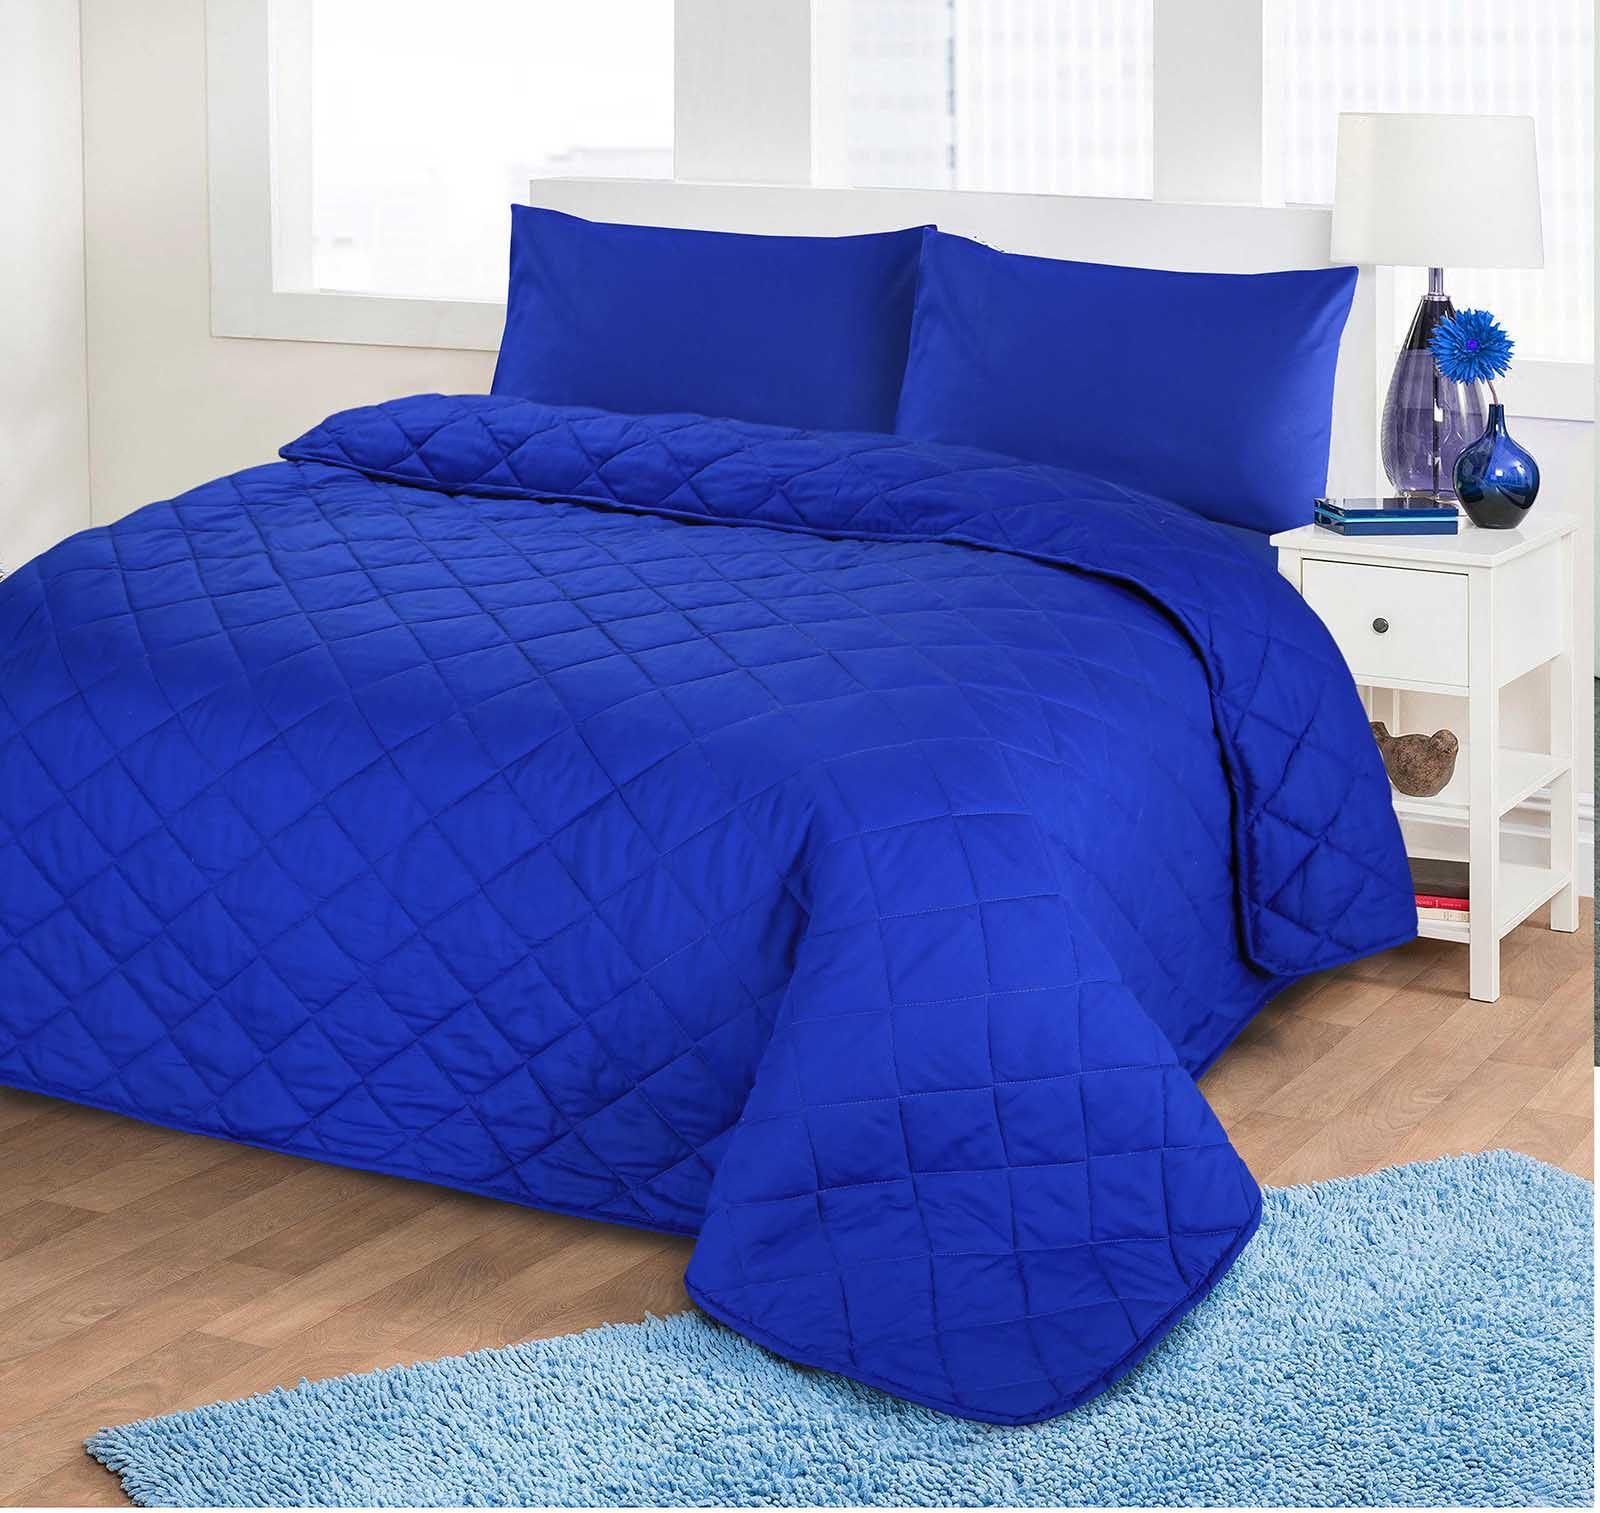 Royal Blue Double Duvet Cover Sweetgalas